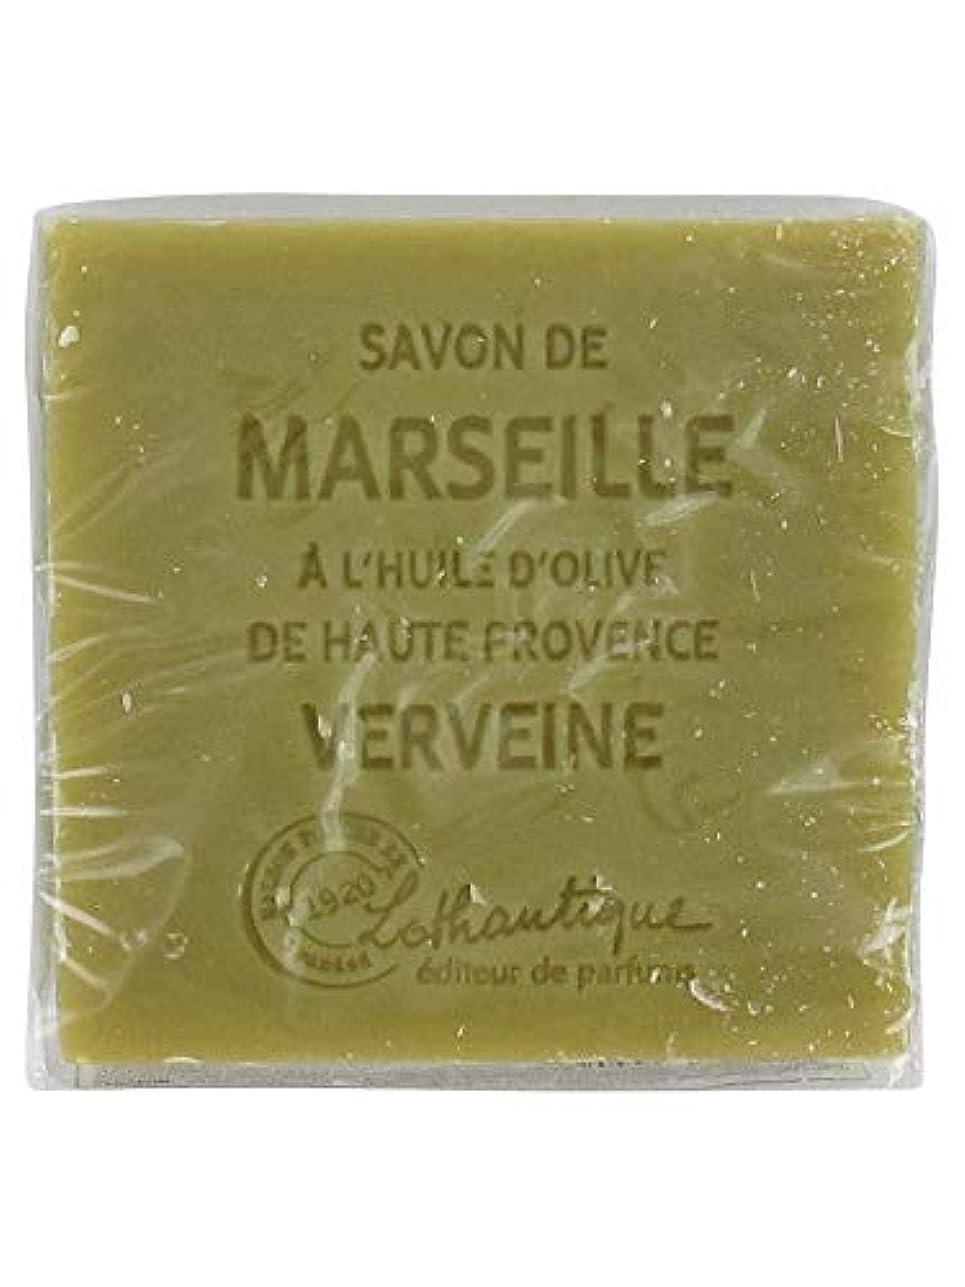 ようこそセクションハイライトLothantique(ロタンティック) Les savons de Marseille(マルセイユソープ) マルセイユソープ 100g 「ベルベーヌ」 3420070038142